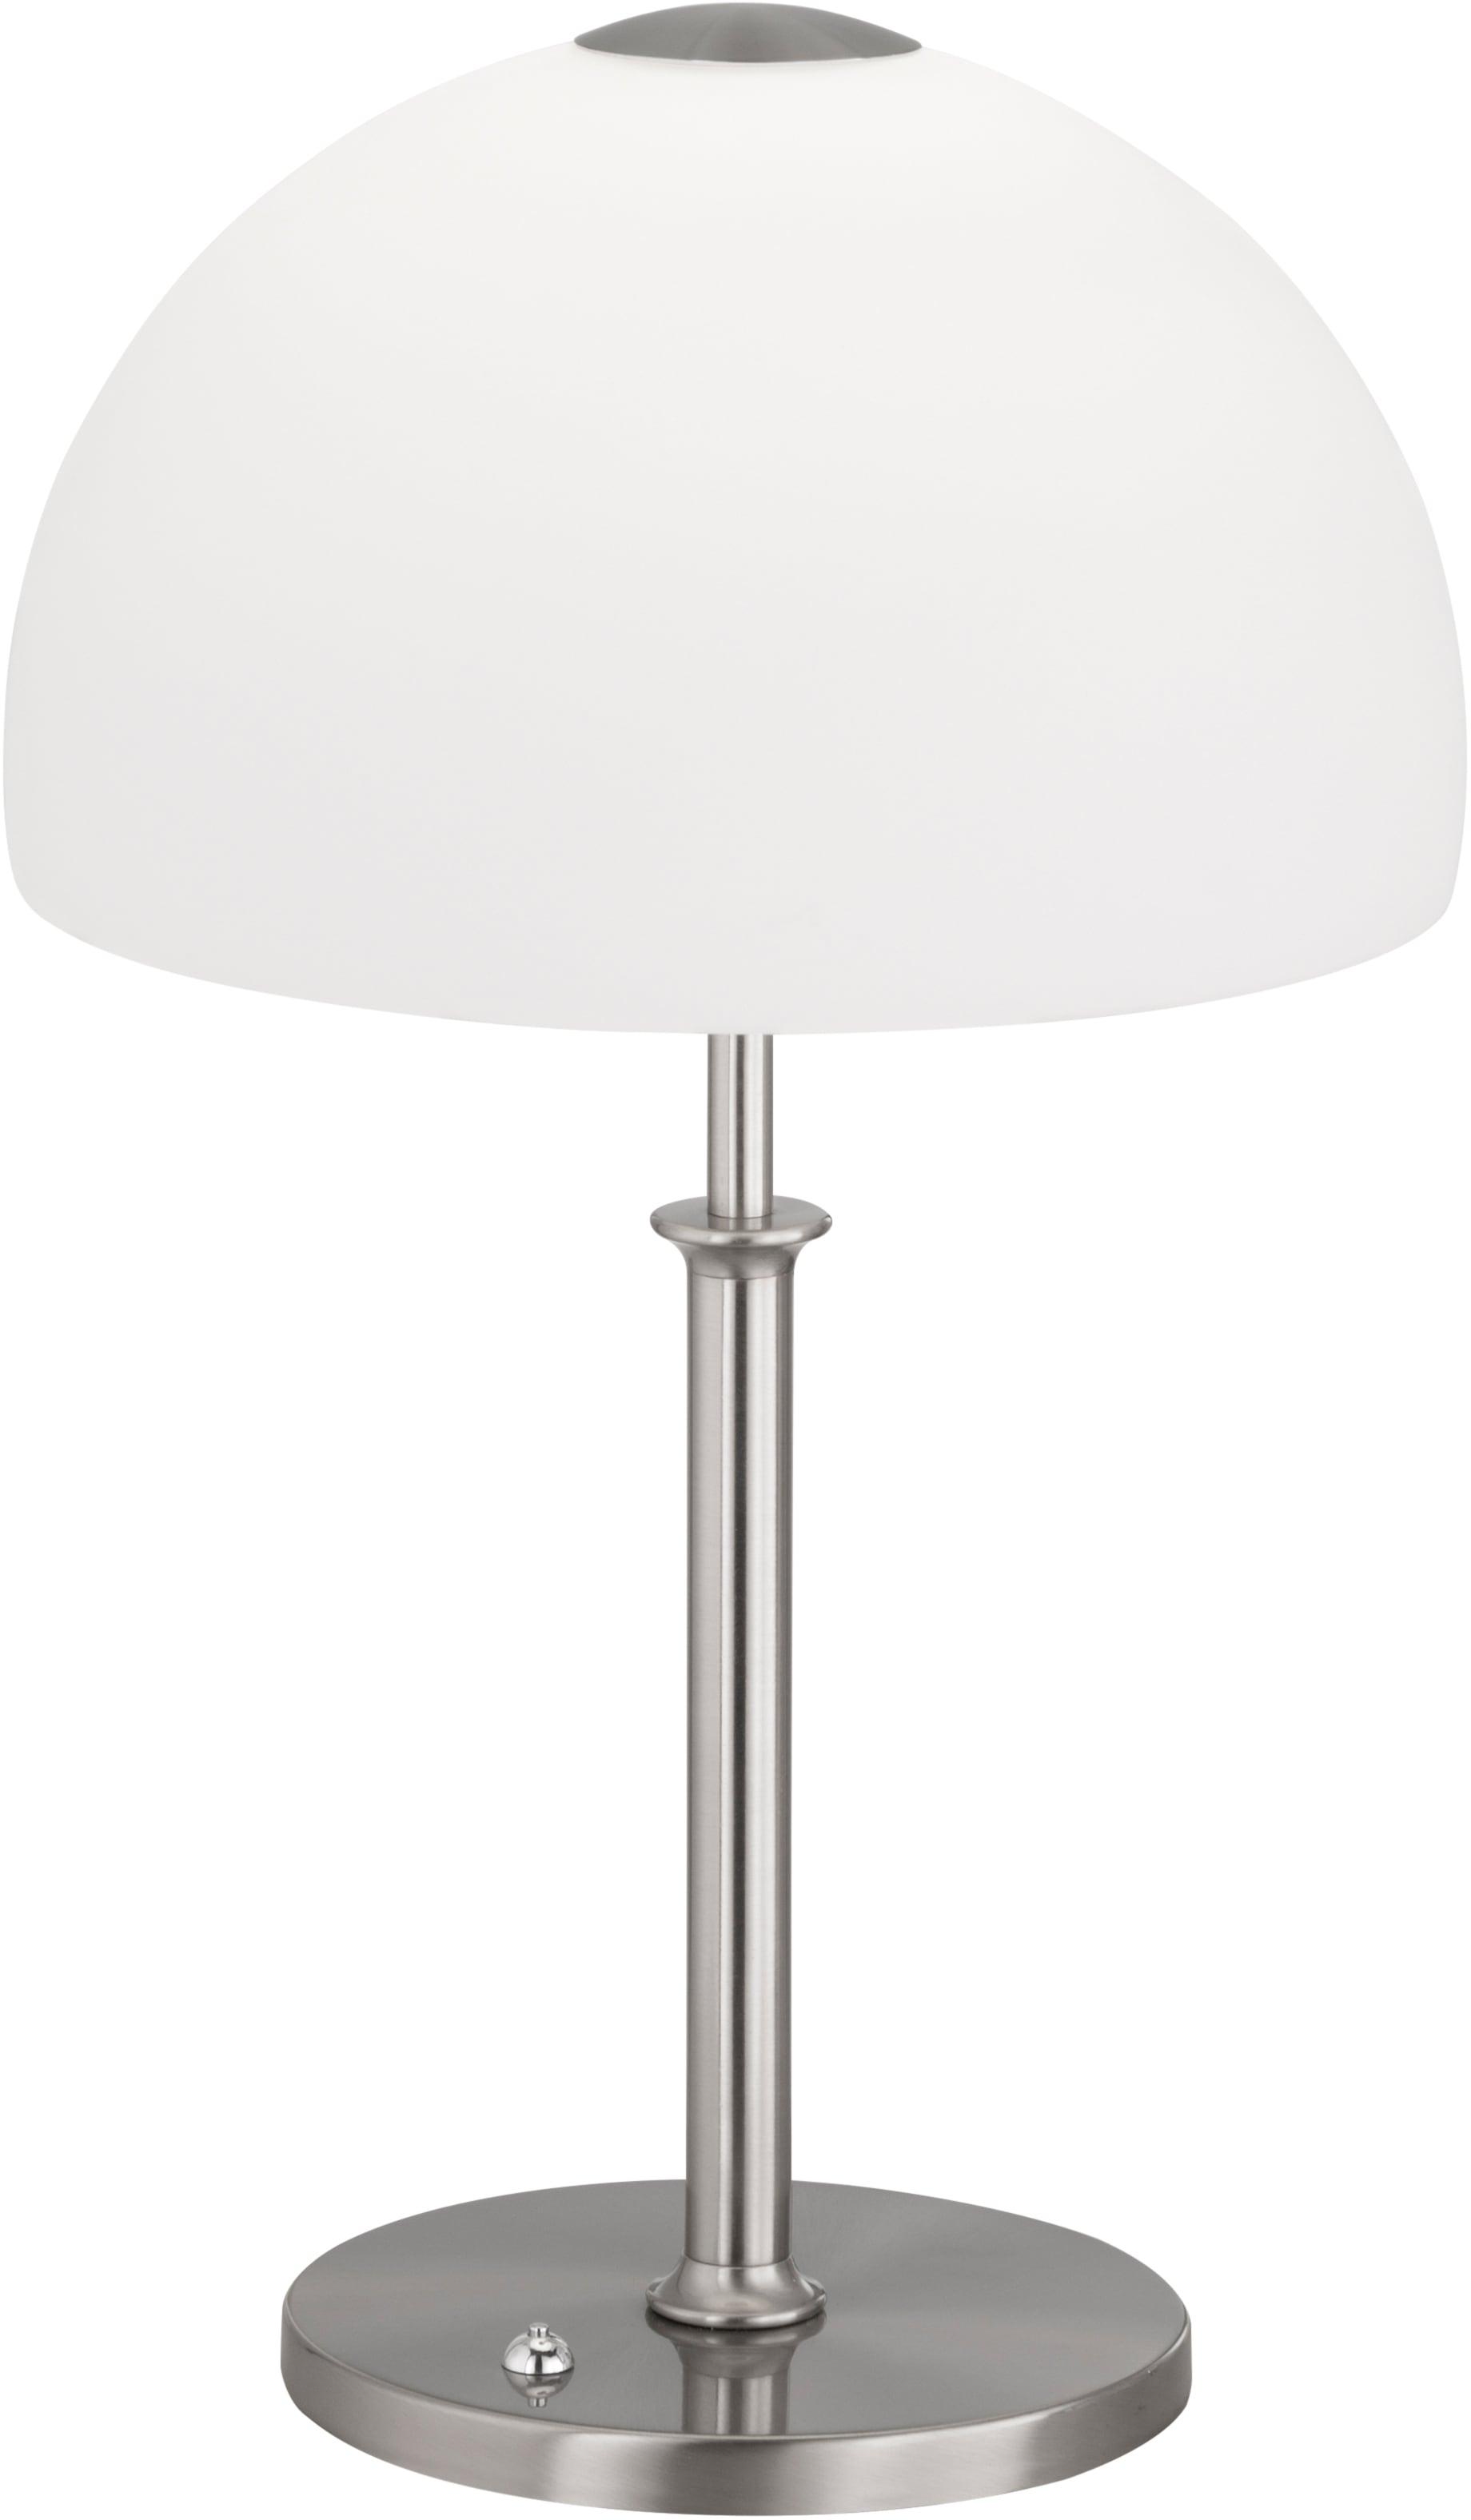 FISCHER & HONSEL LED Tischleuchte Avignon, LED-Modul, Warmweiß